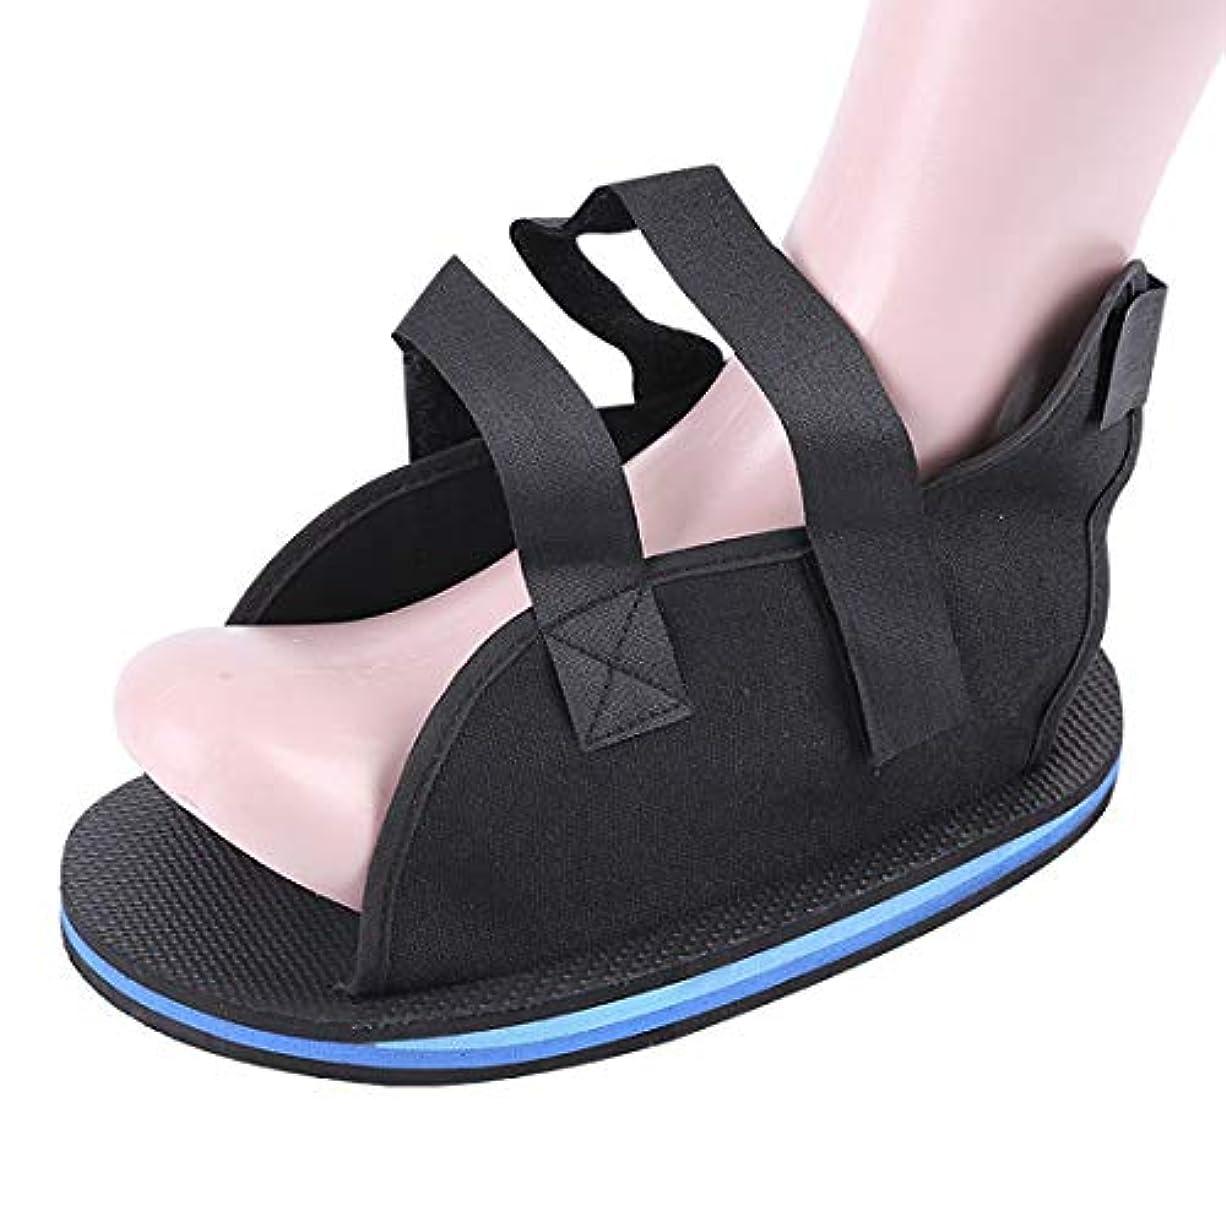 バット控えめなくつろぎ医療足骨折石膏の回復靴の手術後のつま先の靴を安定化骨折の靴を調整可能なファスナーで完全なカバー,XS20cm